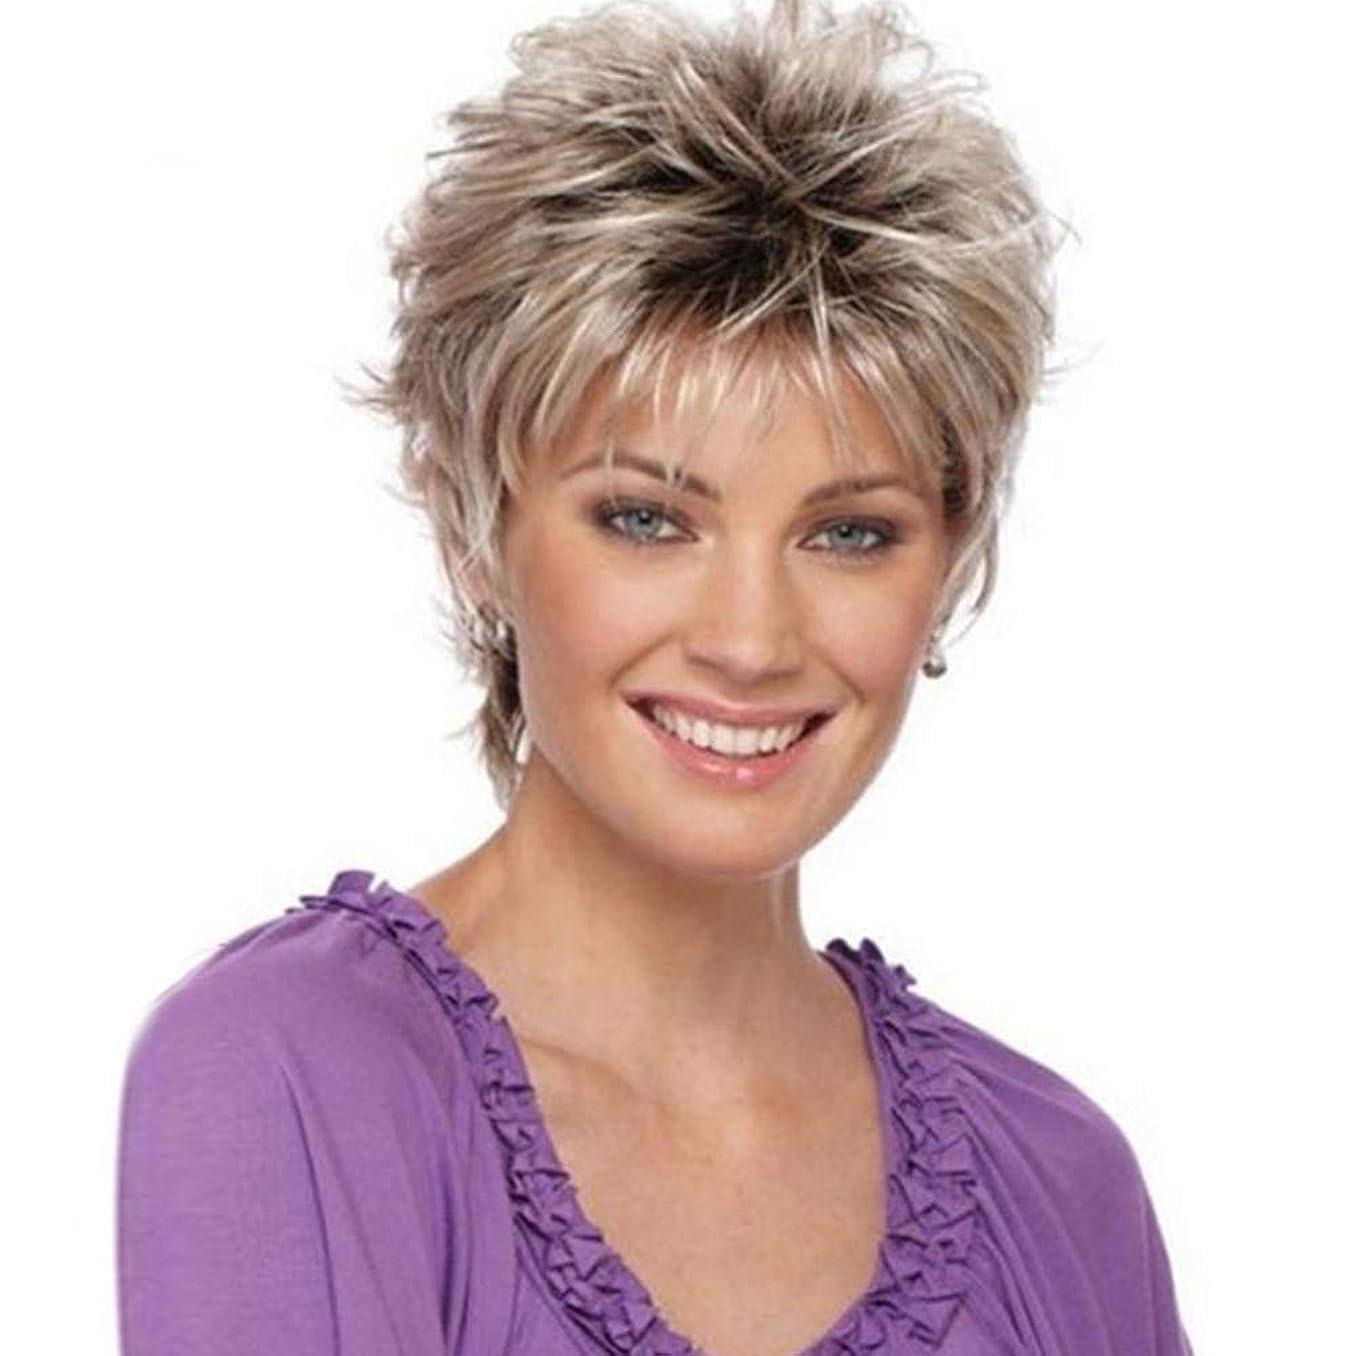 誕生日予測するシネマYOUQIU 女子ショートカーリー波状のかつらグレー人工毛フルウィッグのかつら (色 : グレー)